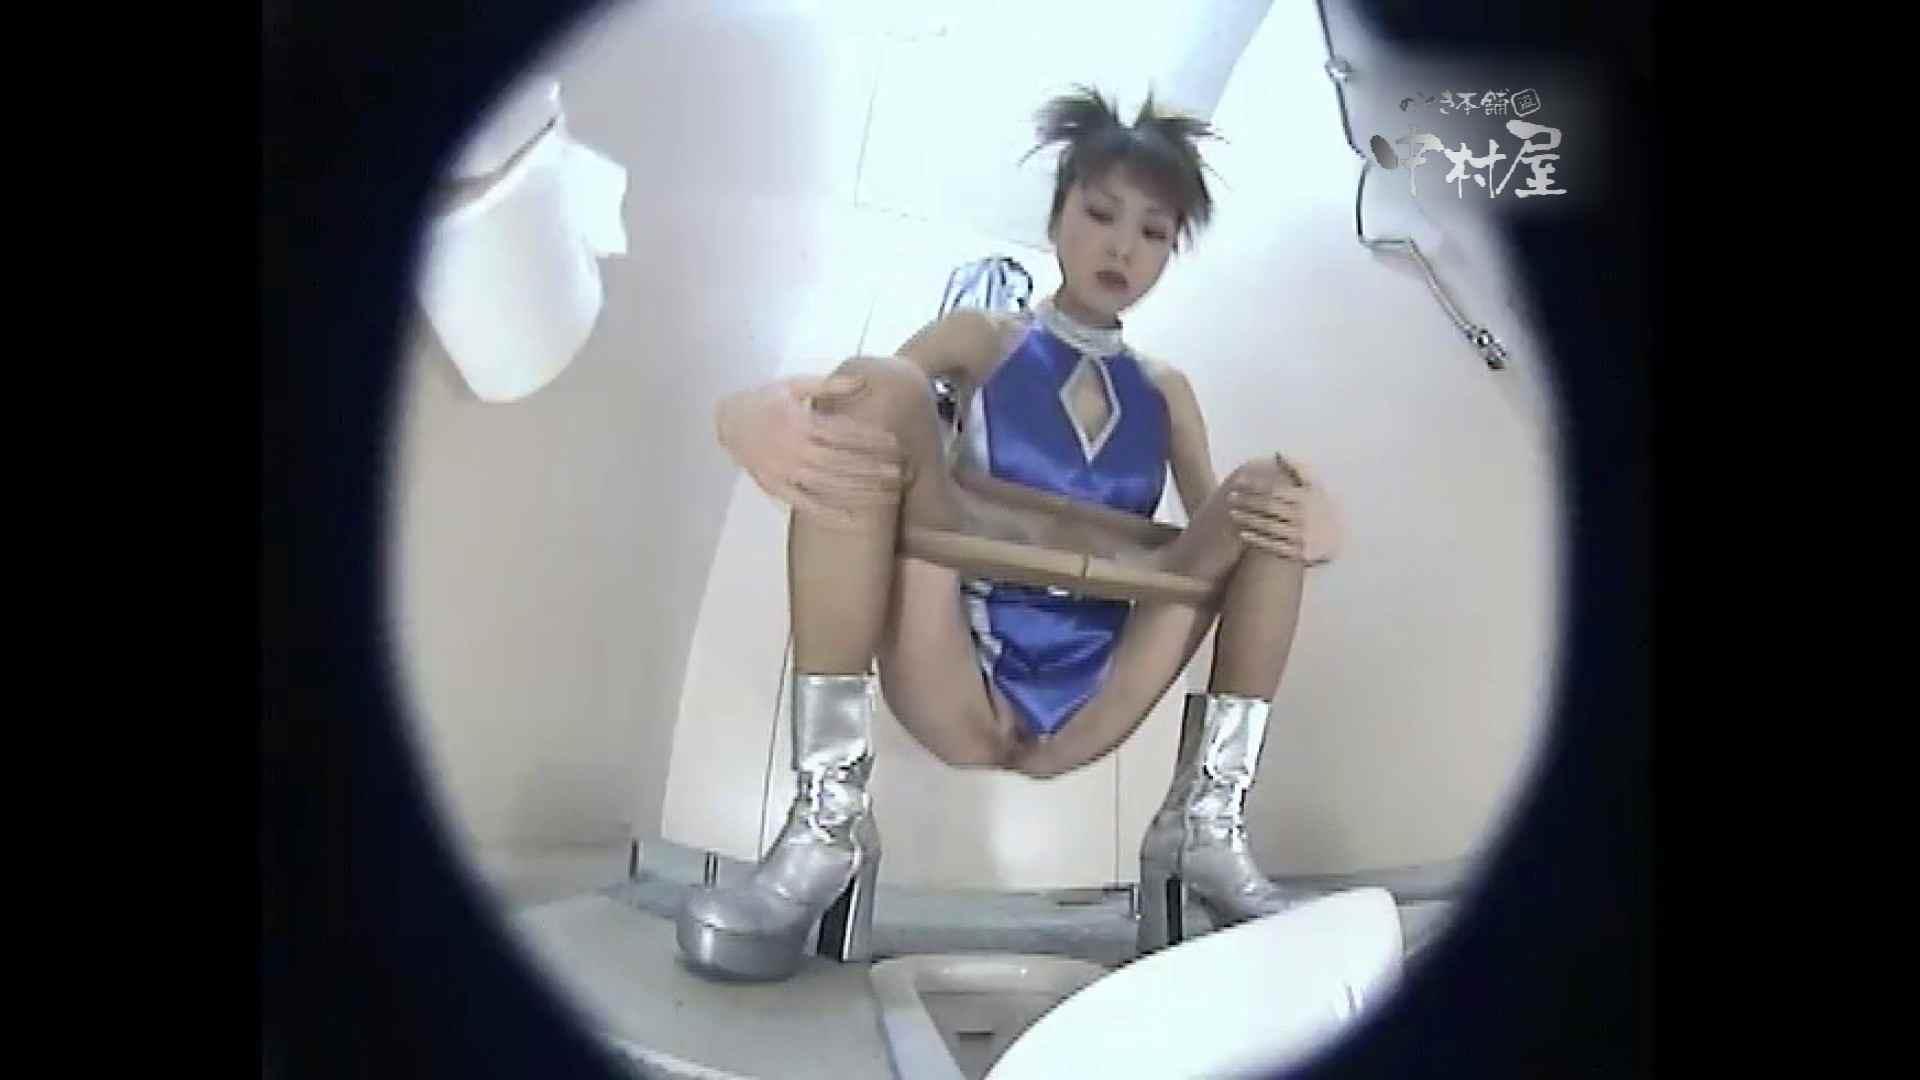 レースクィーントイレ盗撮!Vol.15 便器 オマンコ無修正動画無料 94画像 31